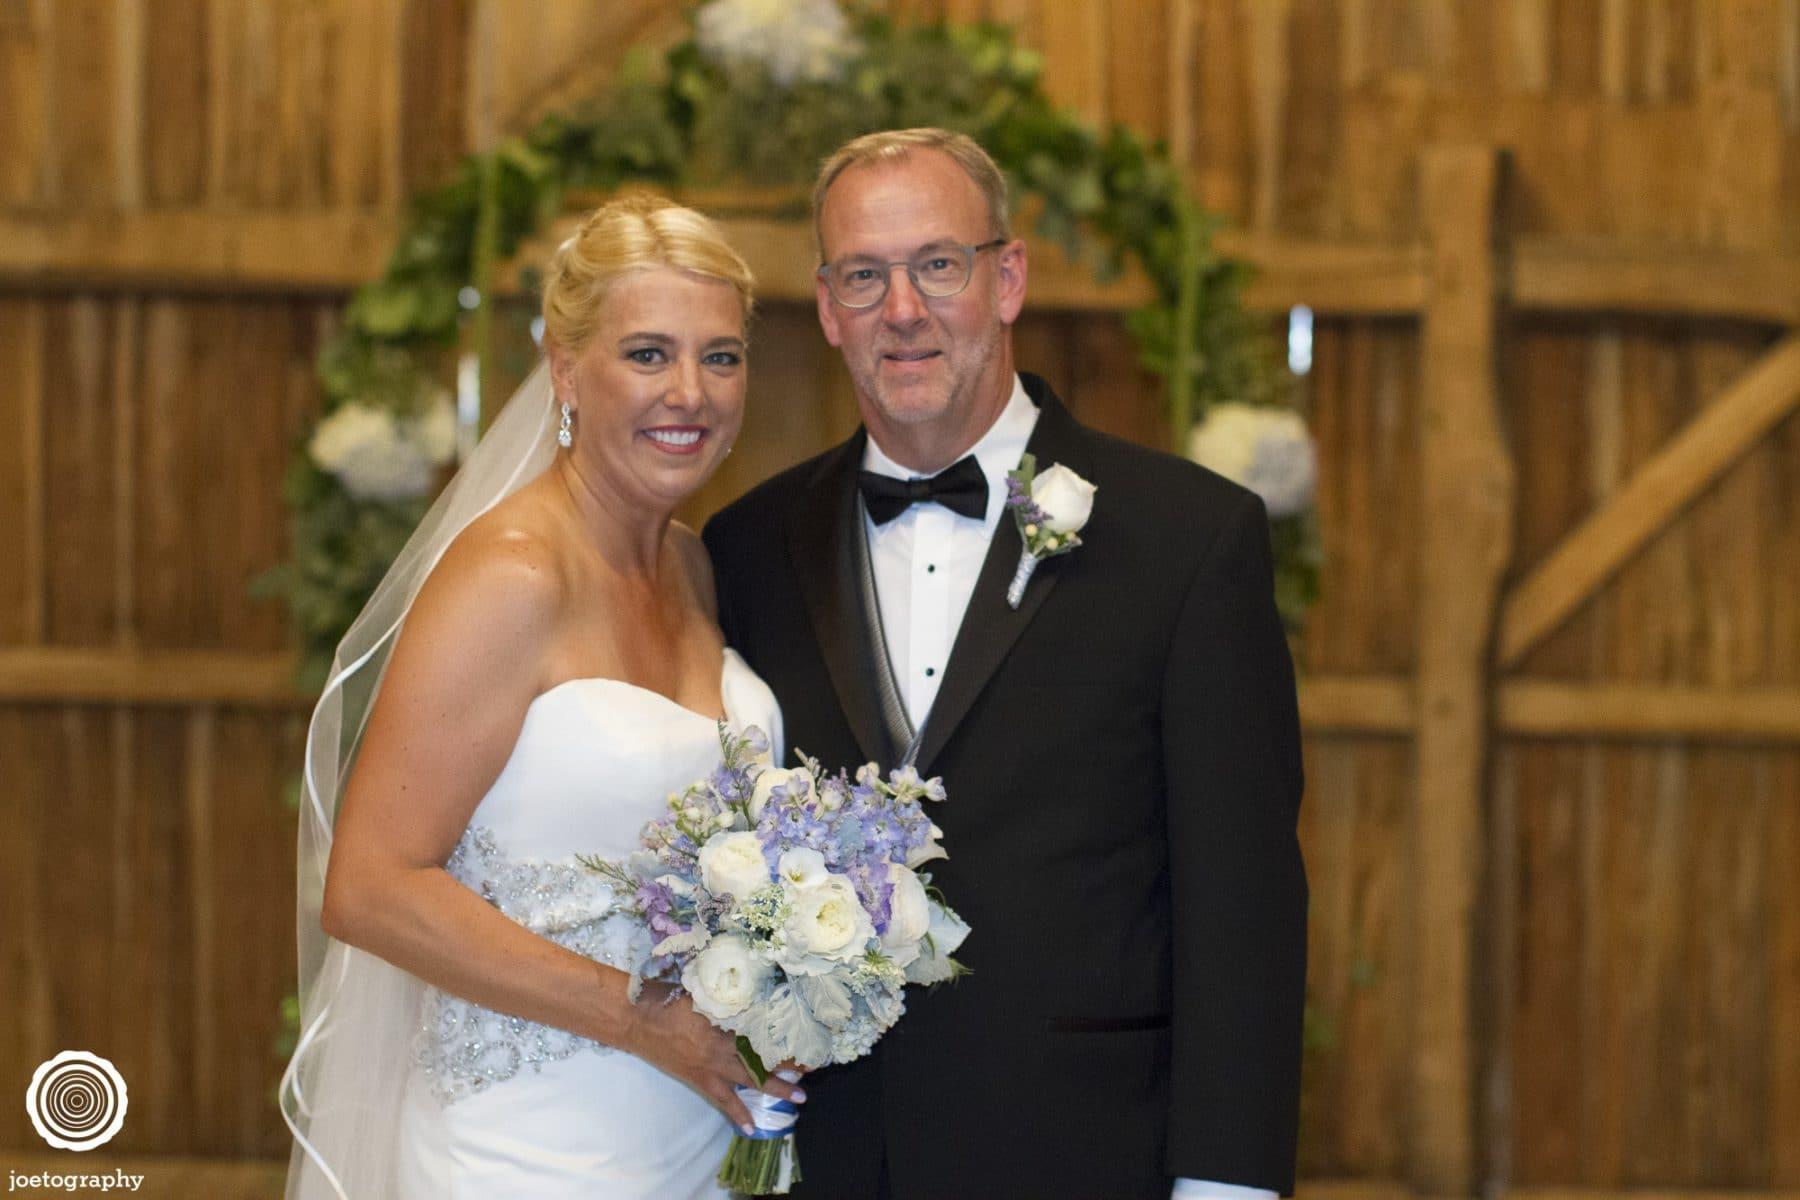 donaldson-wedding-photography-whitestown-indiana-395